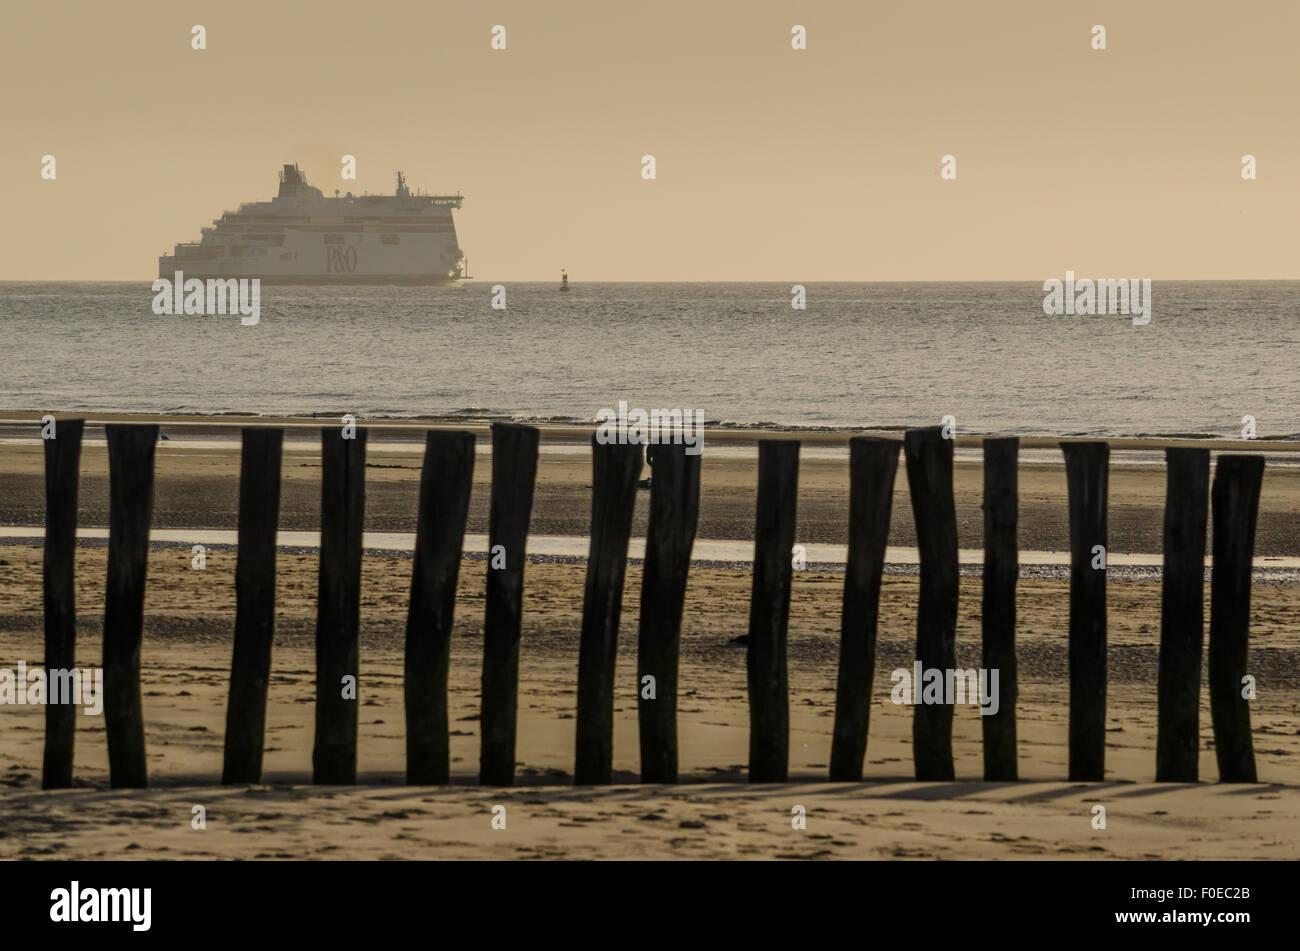 Wooden Breakwaters on Blériot Plage beach, Pas-de-Calais, France - Stock Image